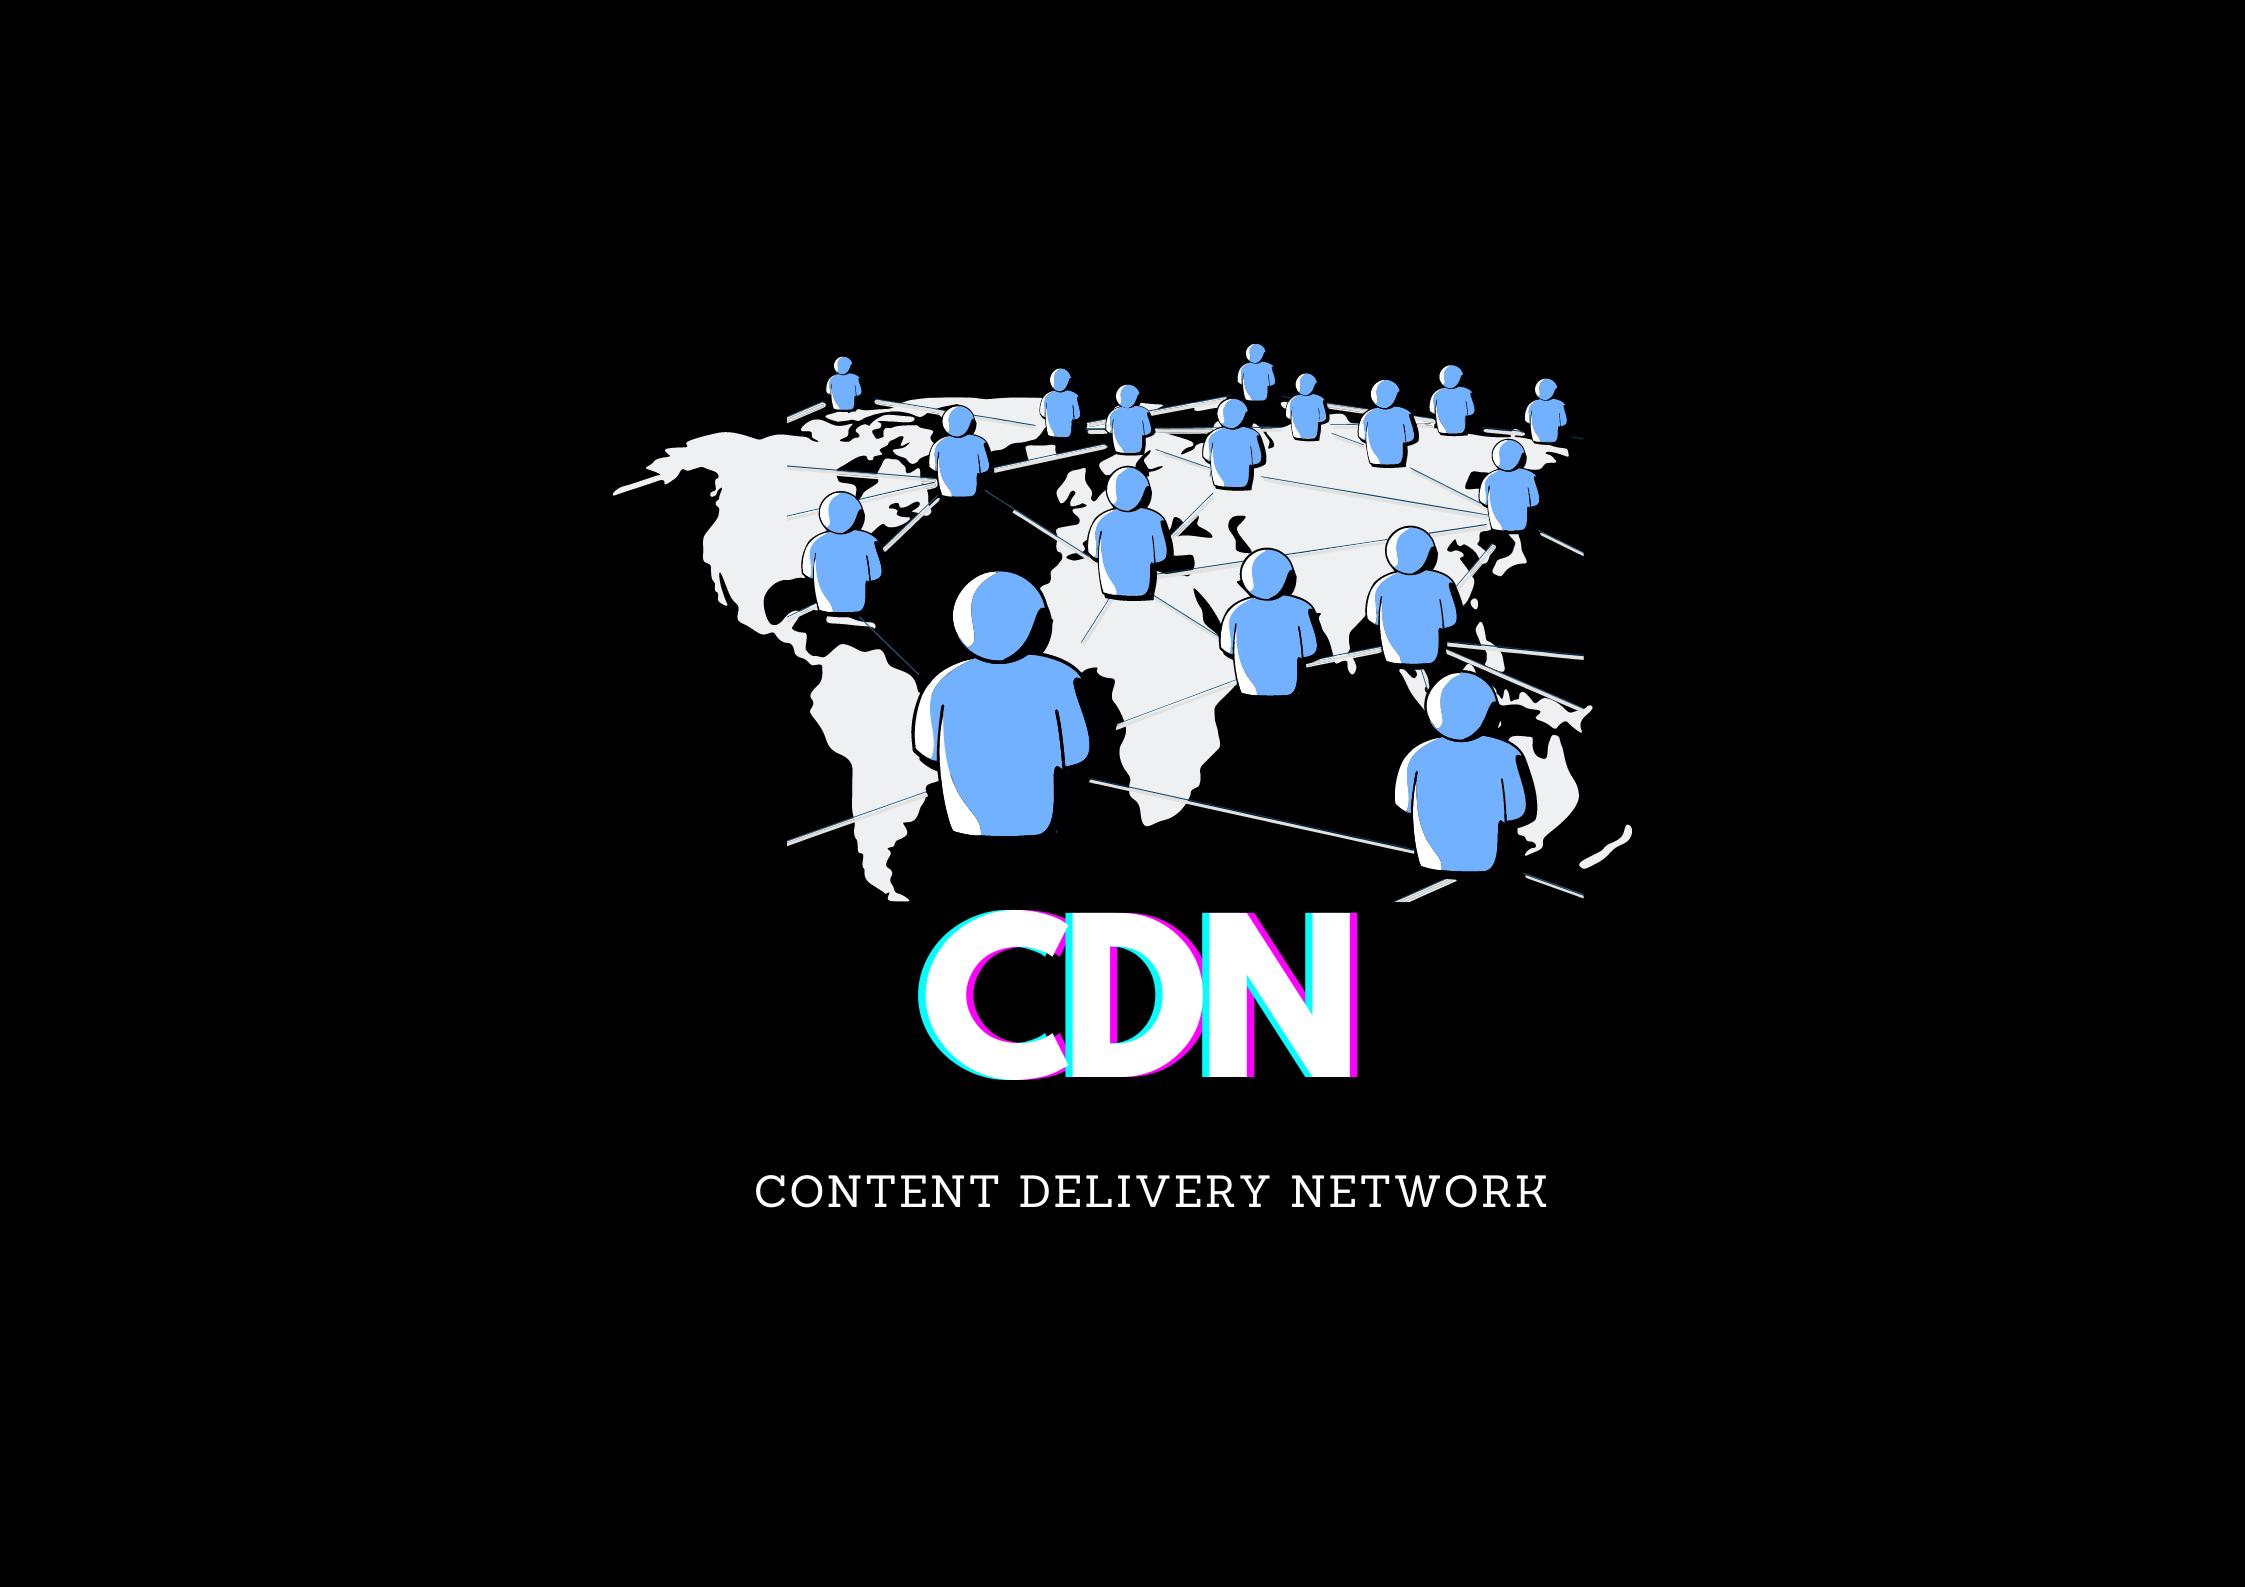 CDN-คืออะไร